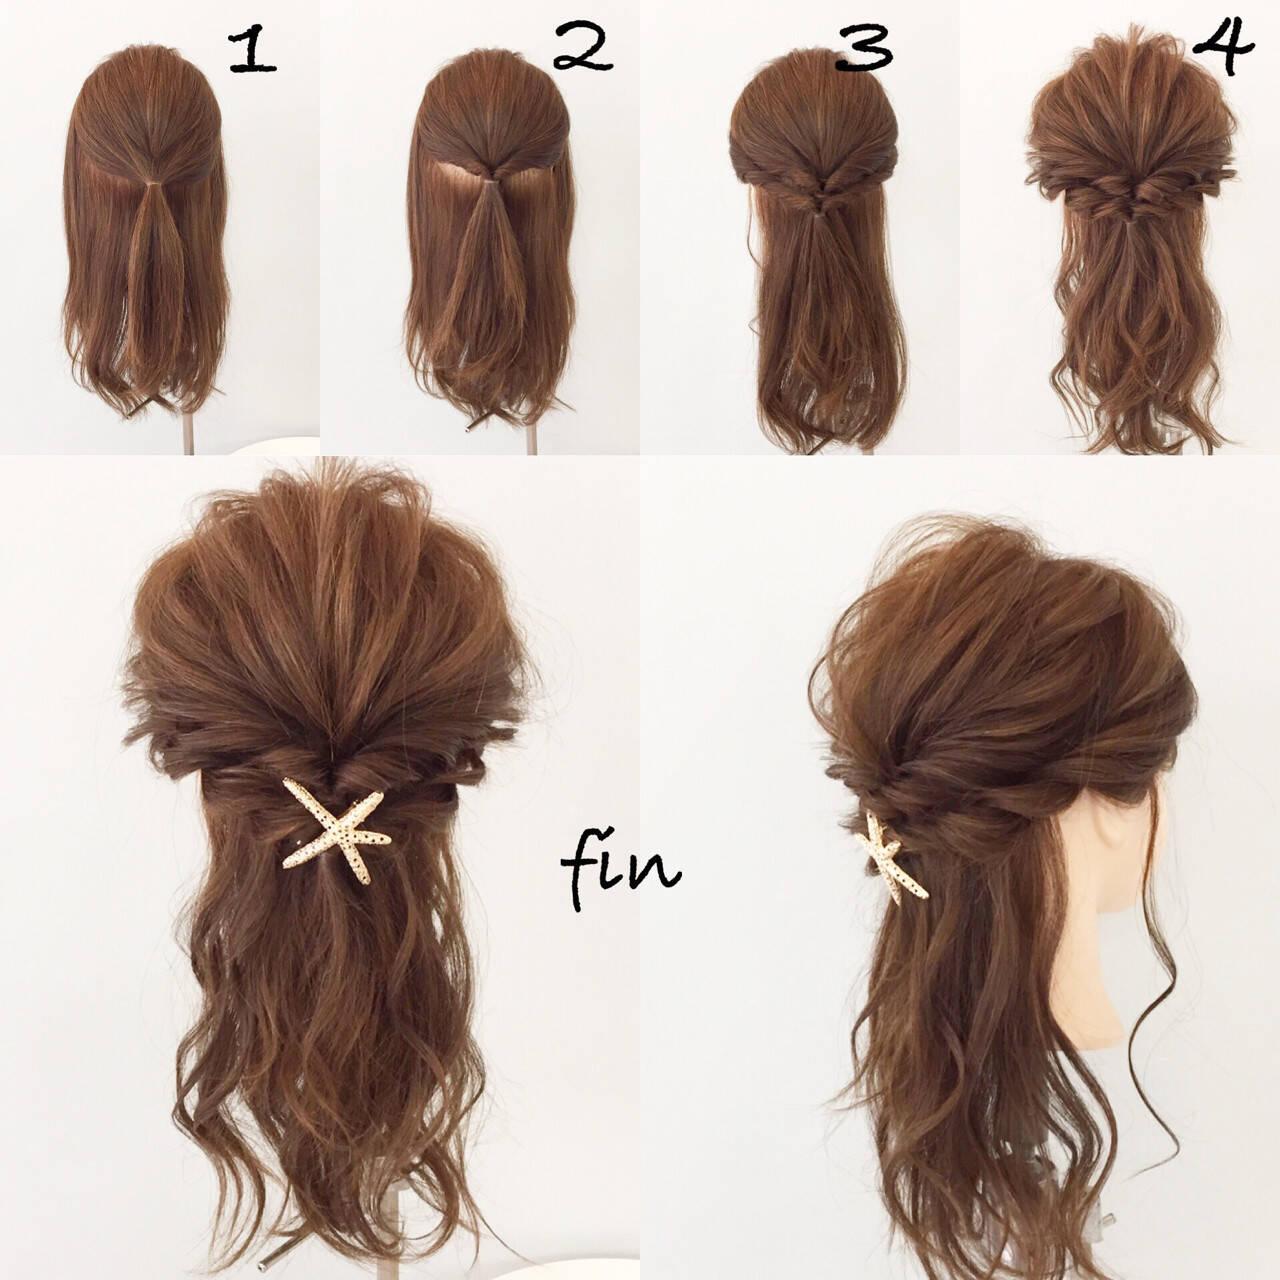 ナチュラル 大人女子 ヘアアレンジ ミディアムヘアスタイルや髪型の写真・画像